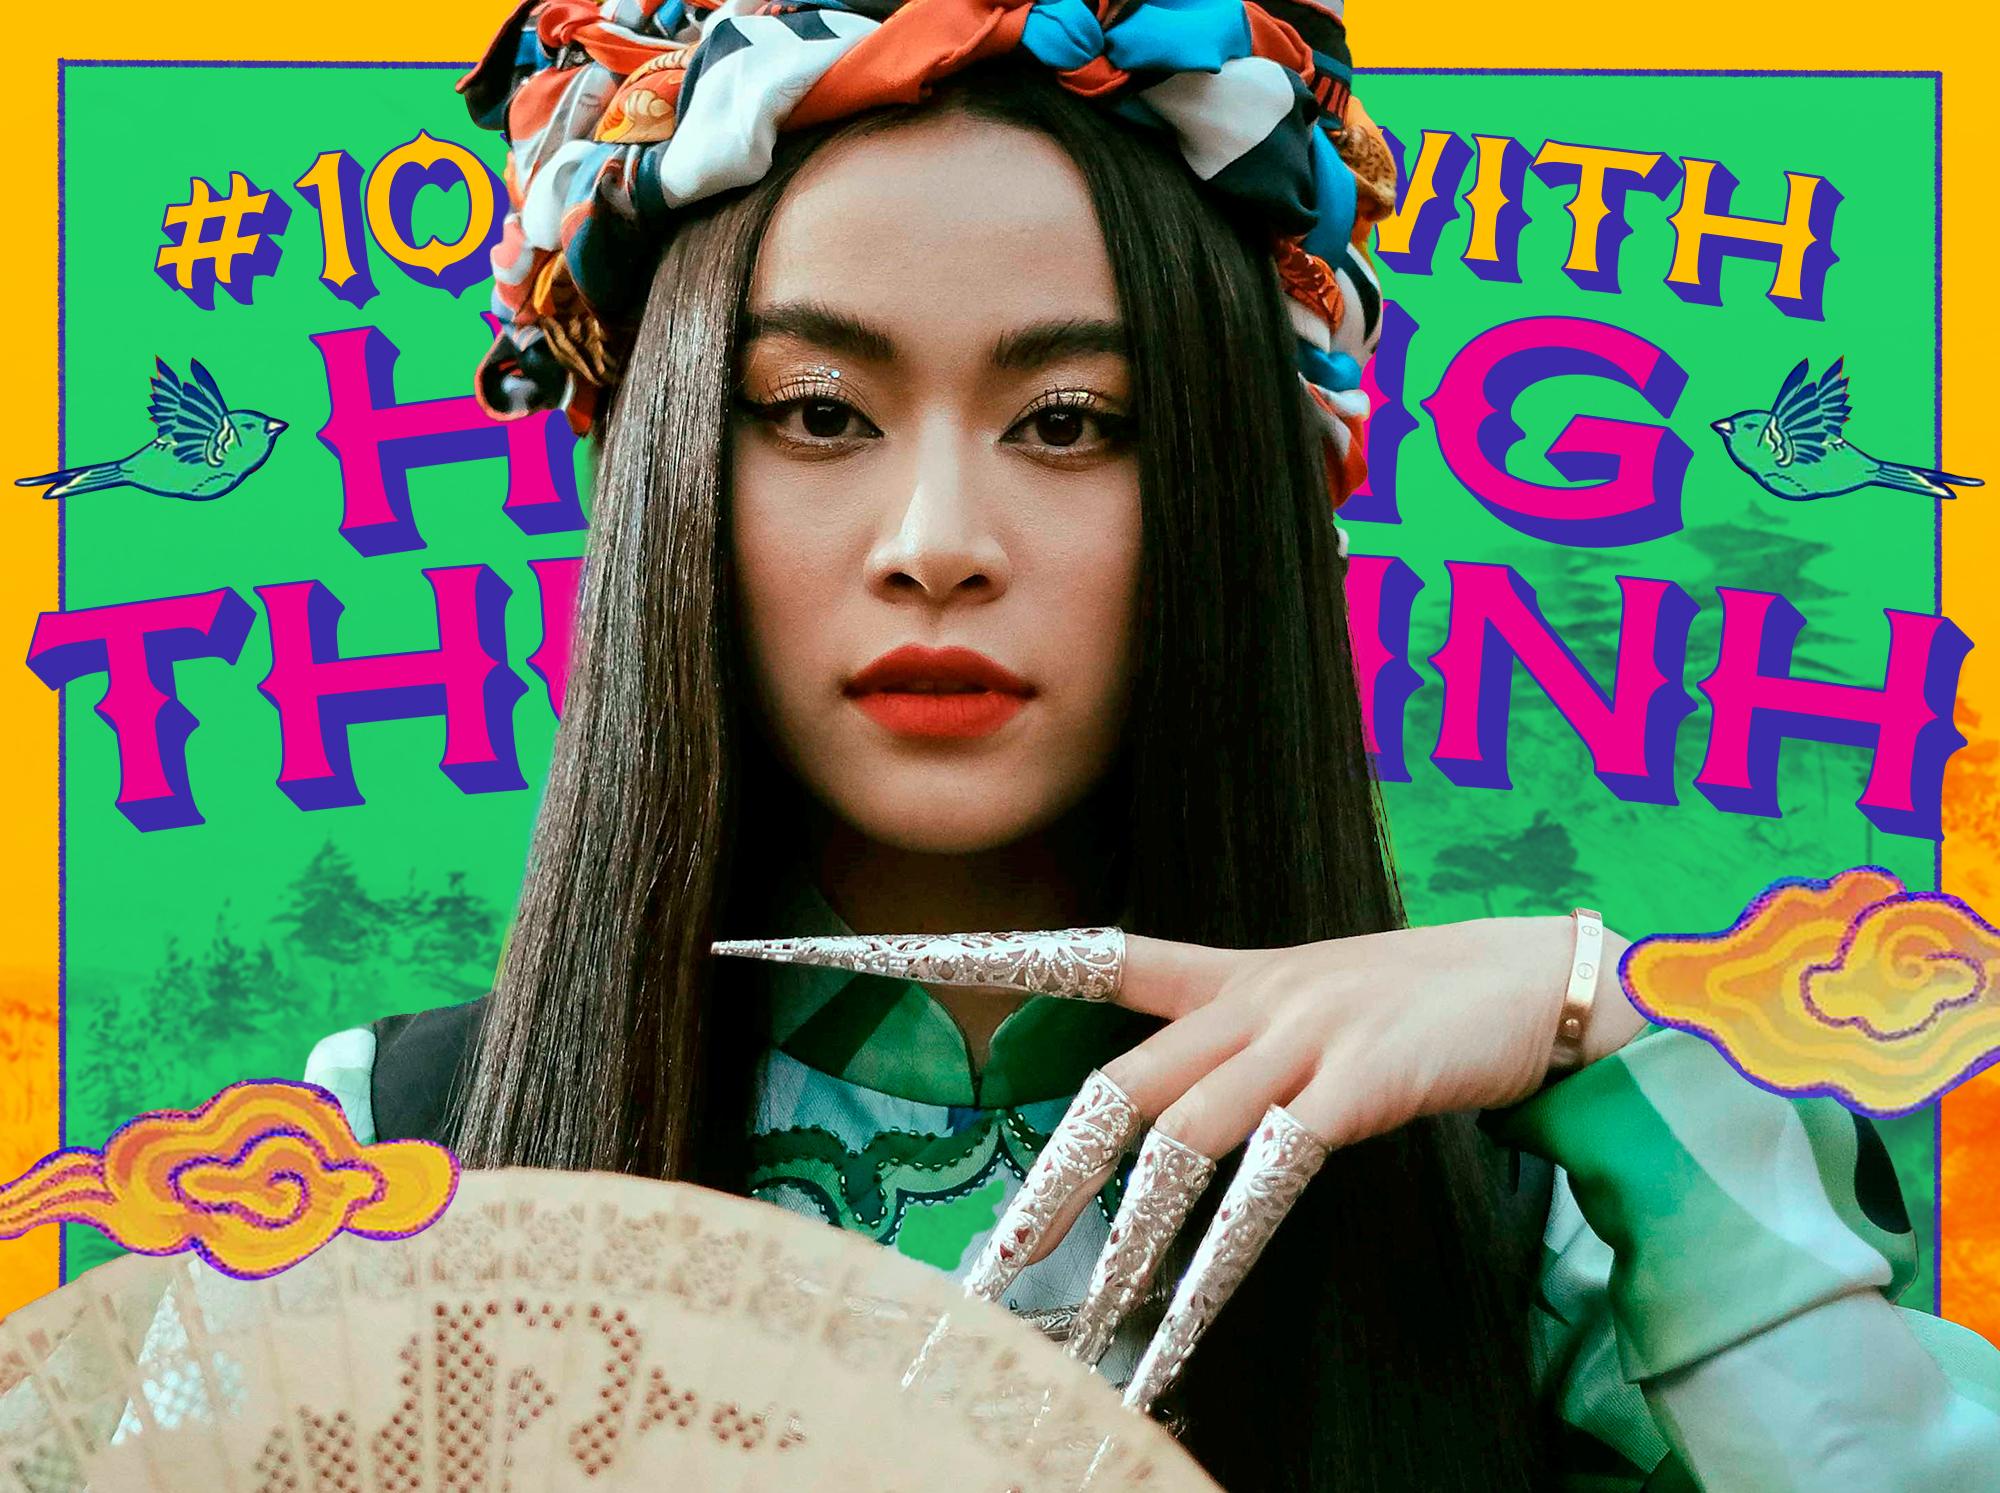 Hoàng Thùy Linh - Hành trình ngạo nghễ và khí phách kiên định của kẻ tiên phong - ảnh 3